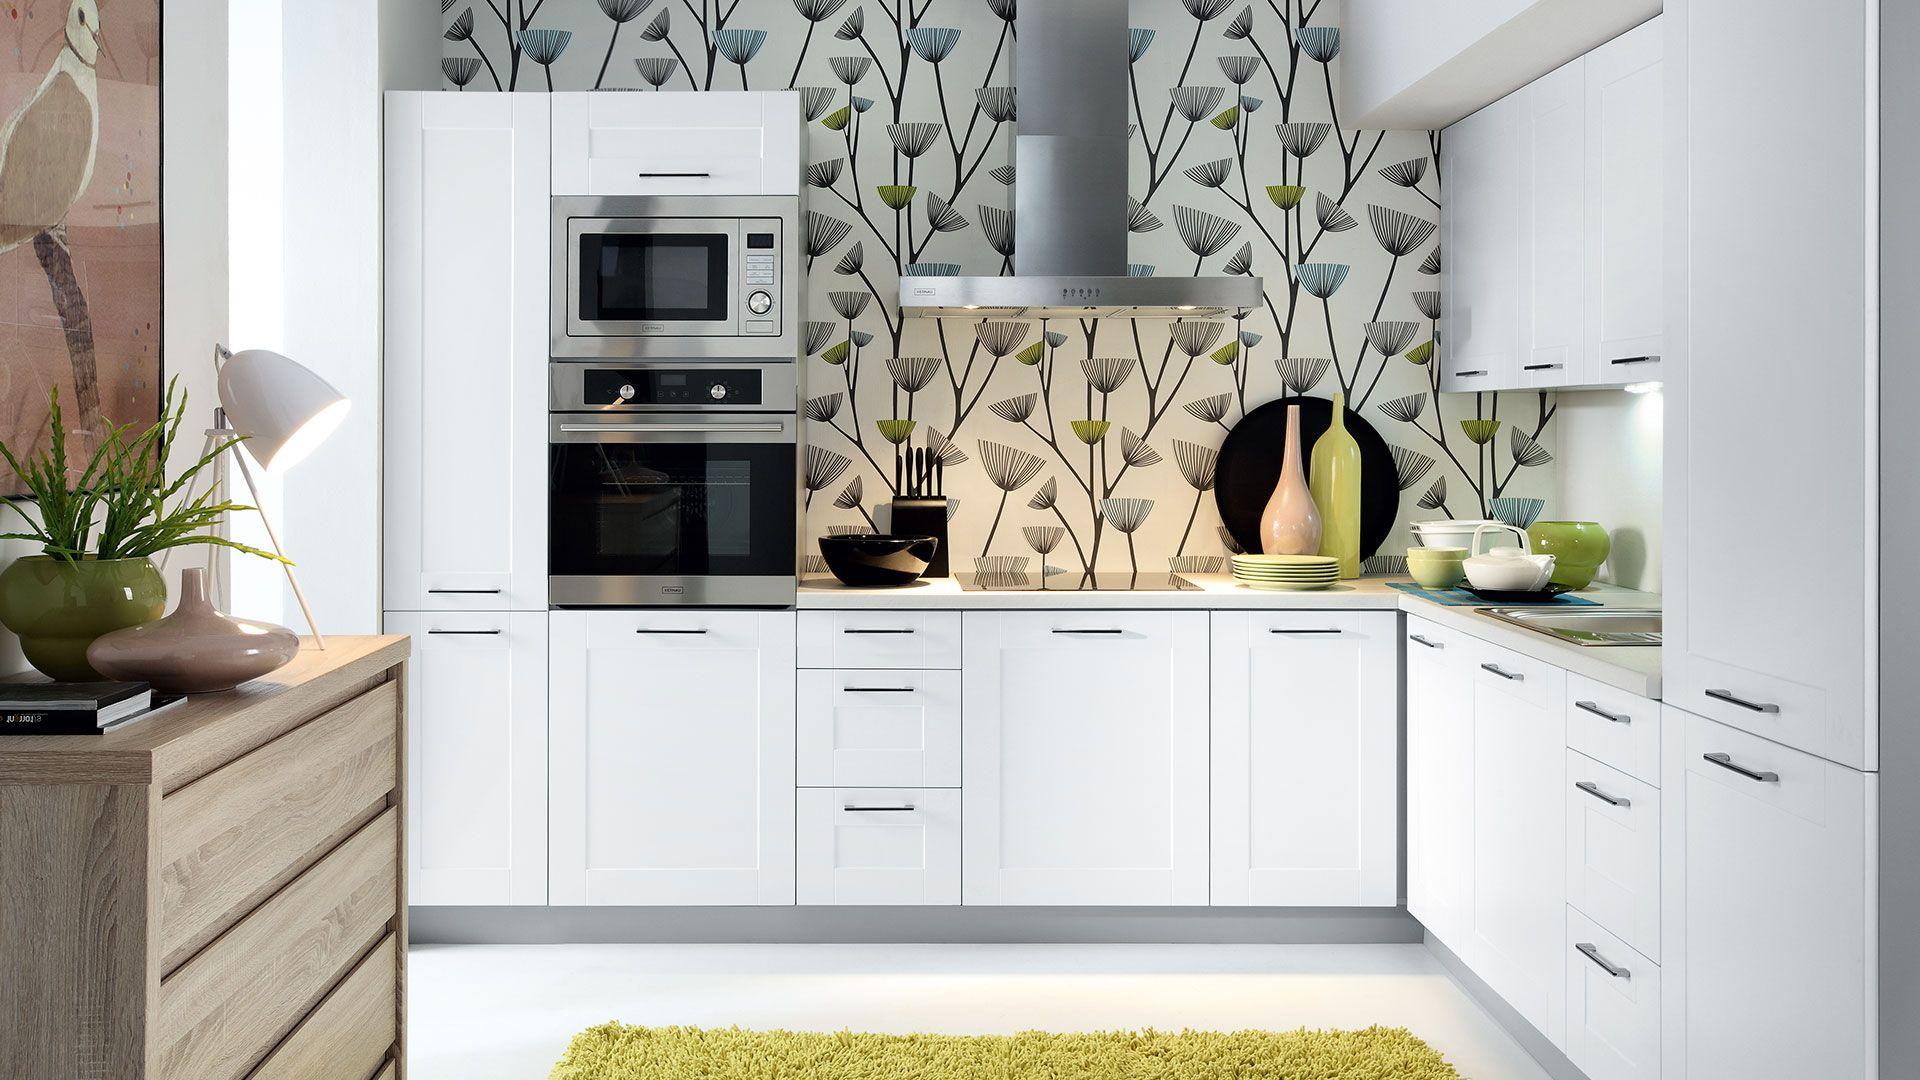 k che schr nke k chenzeile erweiterbar weiss canadian fronten neu schnell ebay. Black Bedroom Furniture Sets. Home Design Ideas